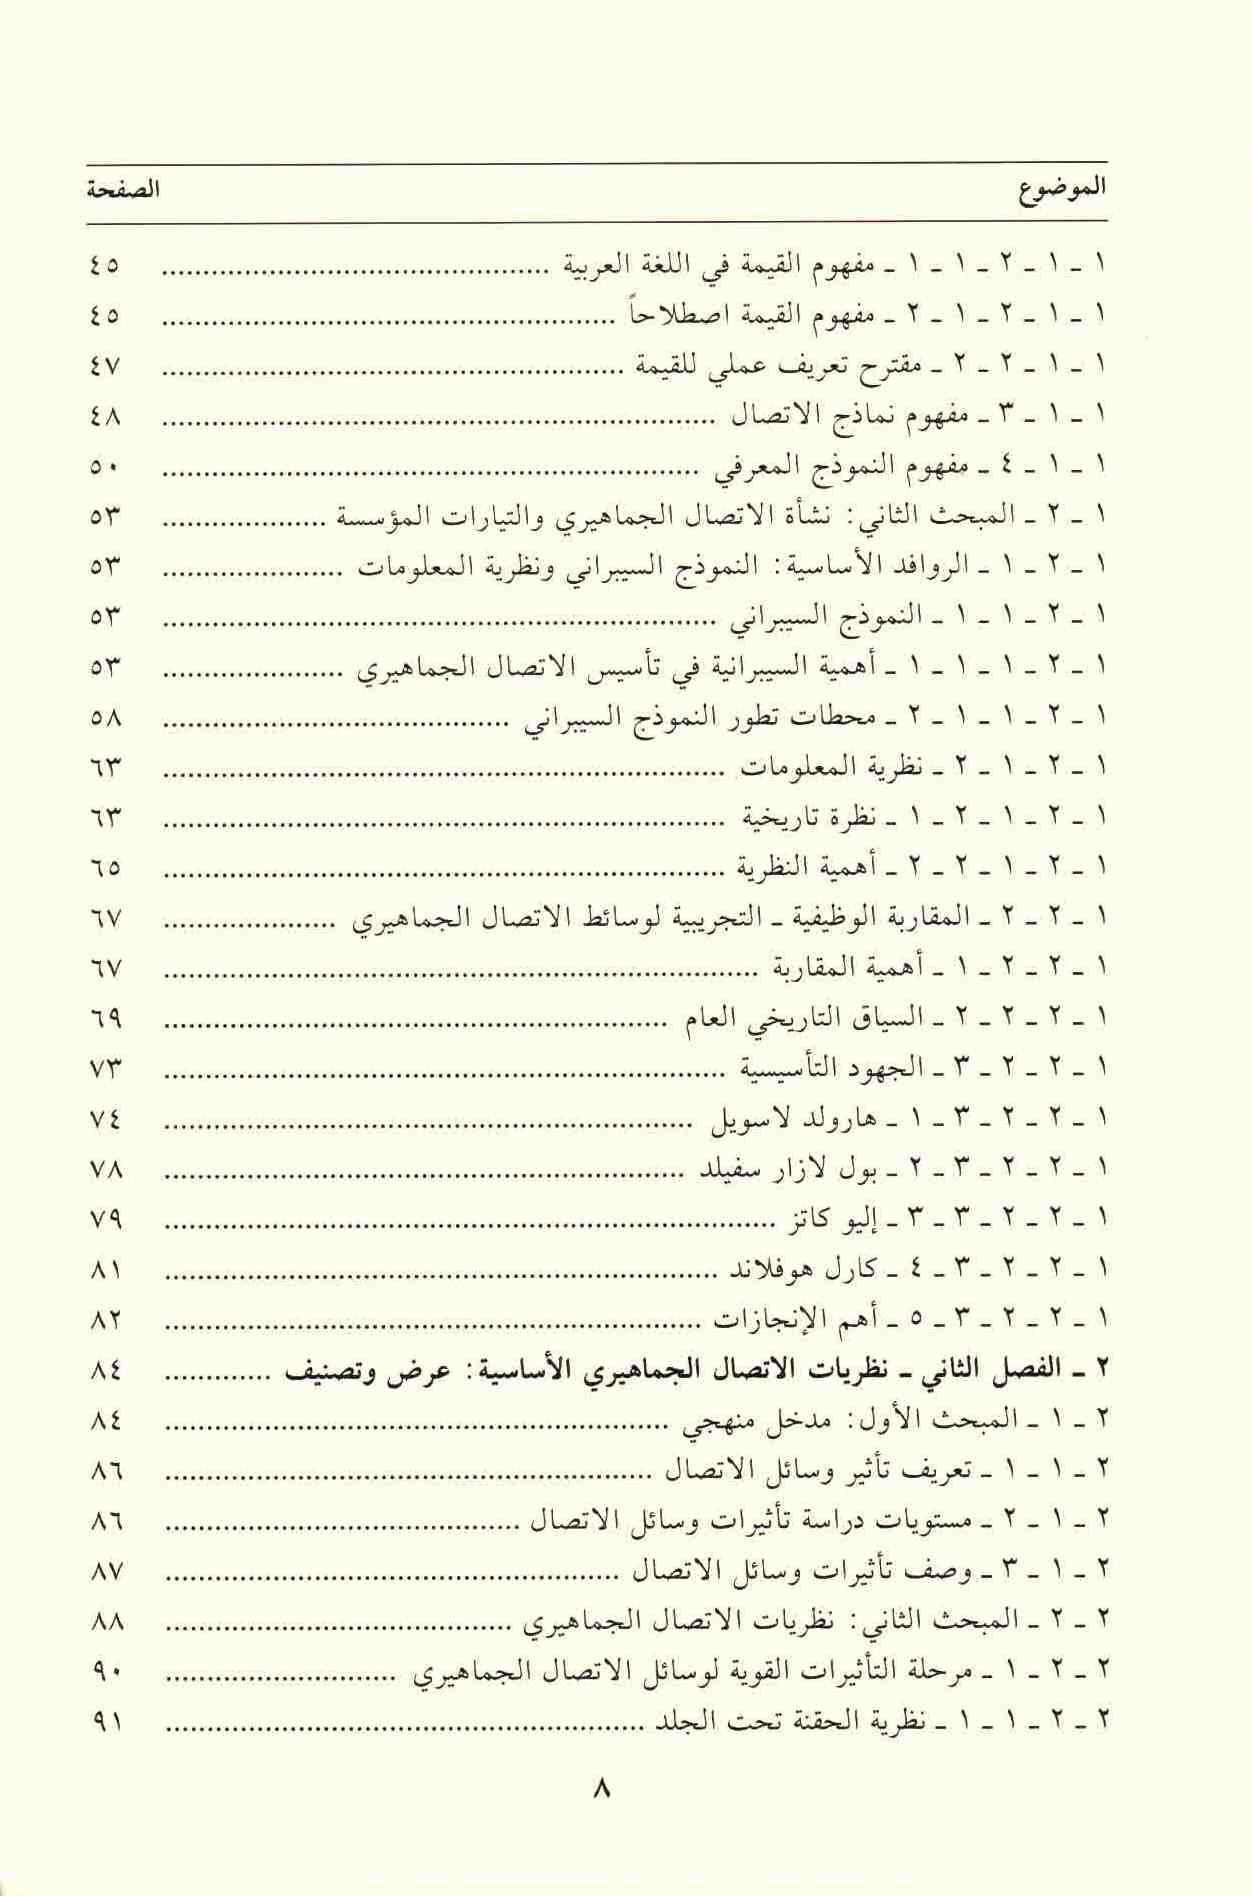 ص 8محتويات كتاب الاتصال الجماهيري وسؤال القيم